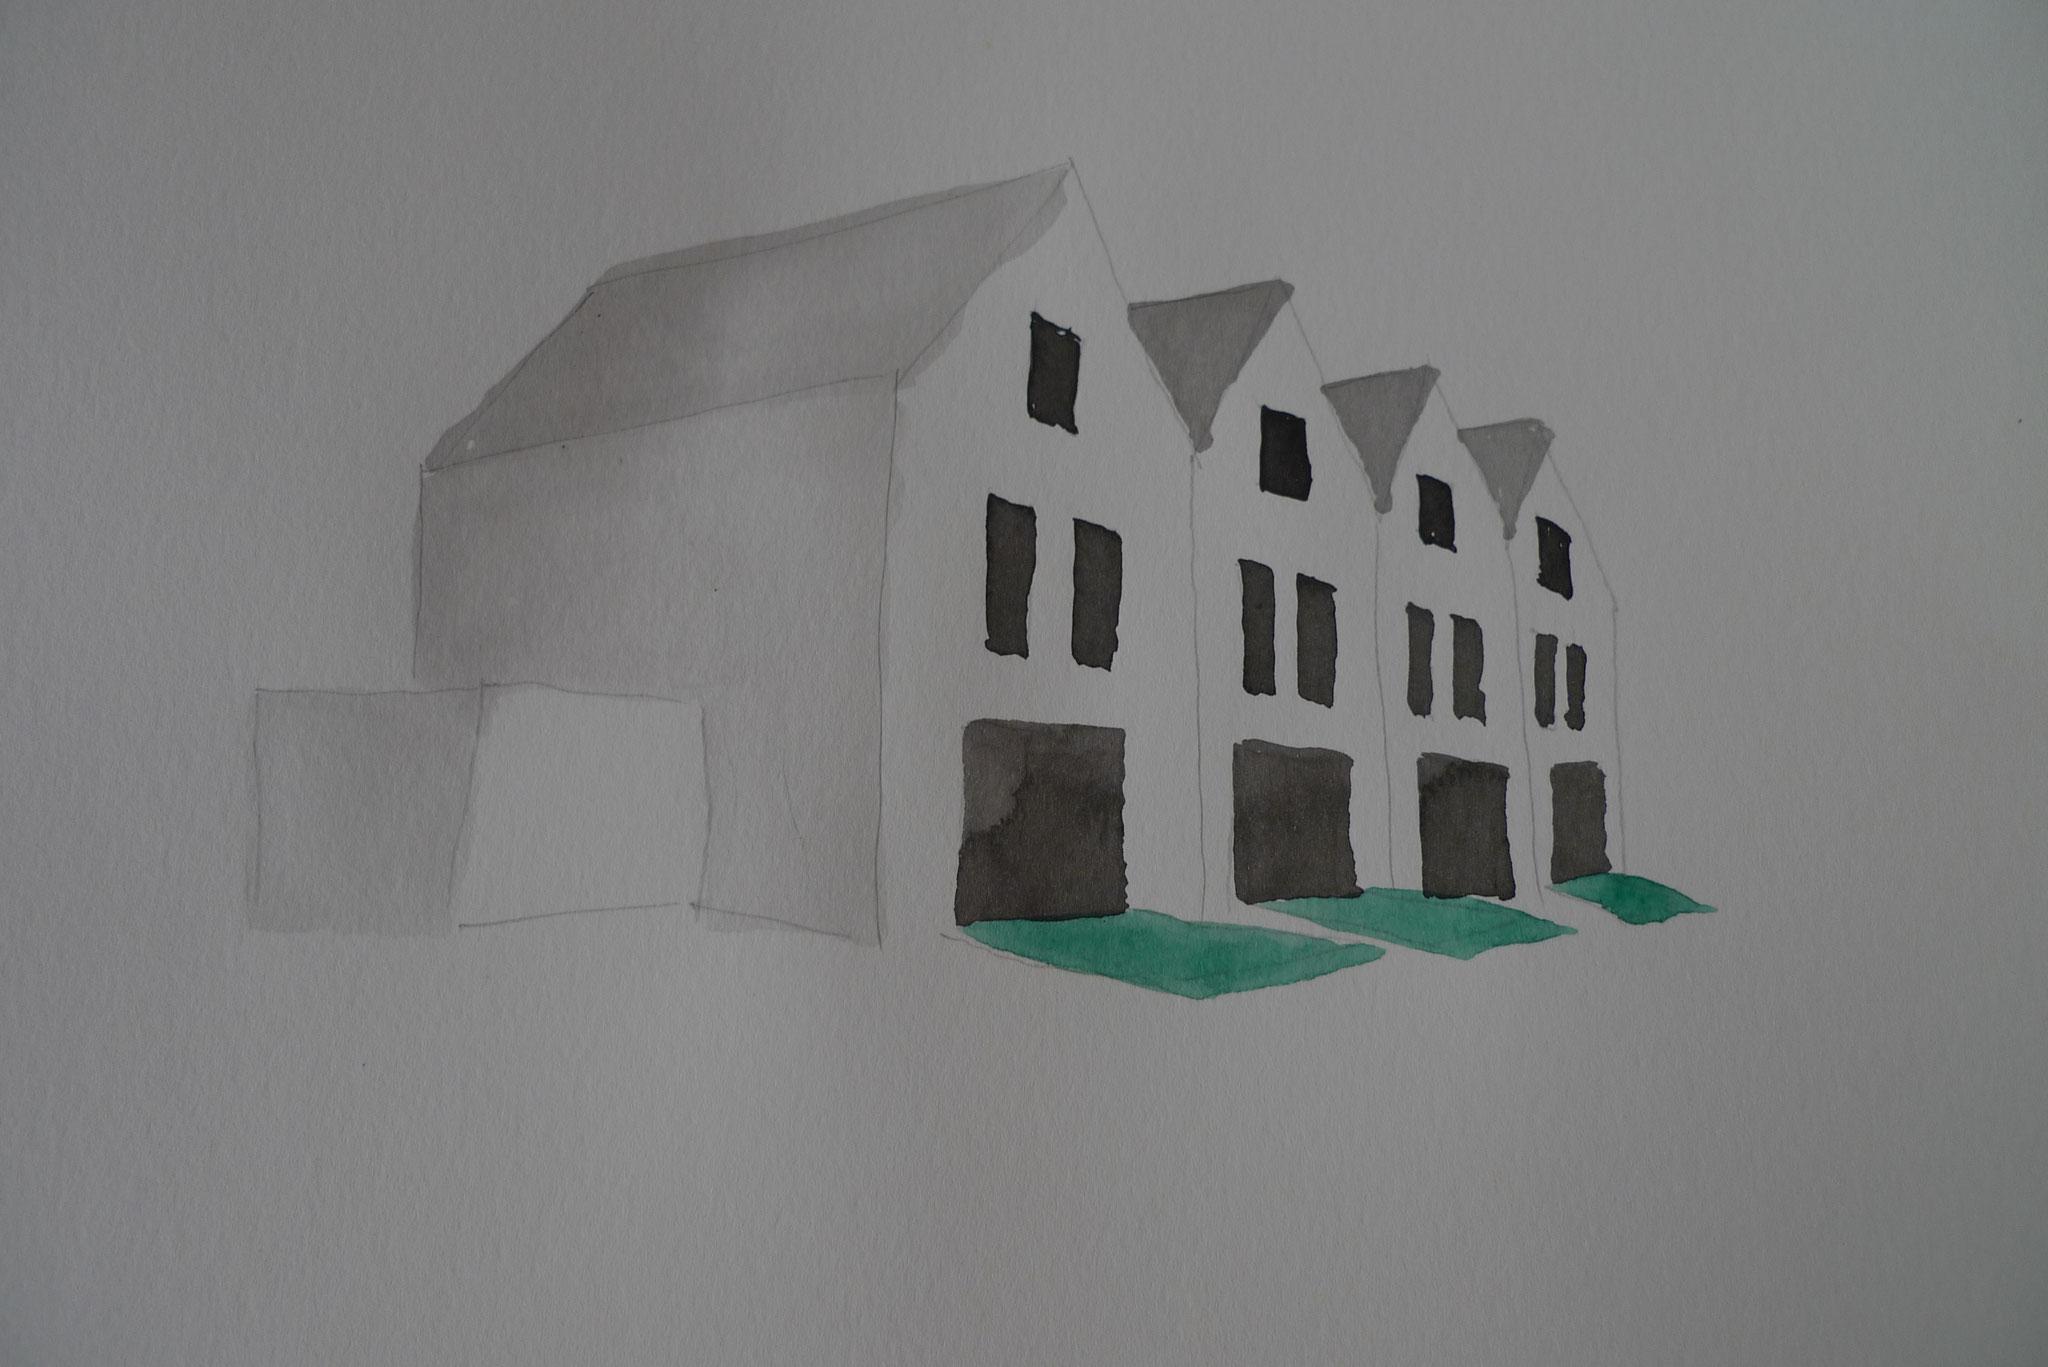 Tuschezeichnung; 2011; Tusche auf Papier; 21 x 29 cm